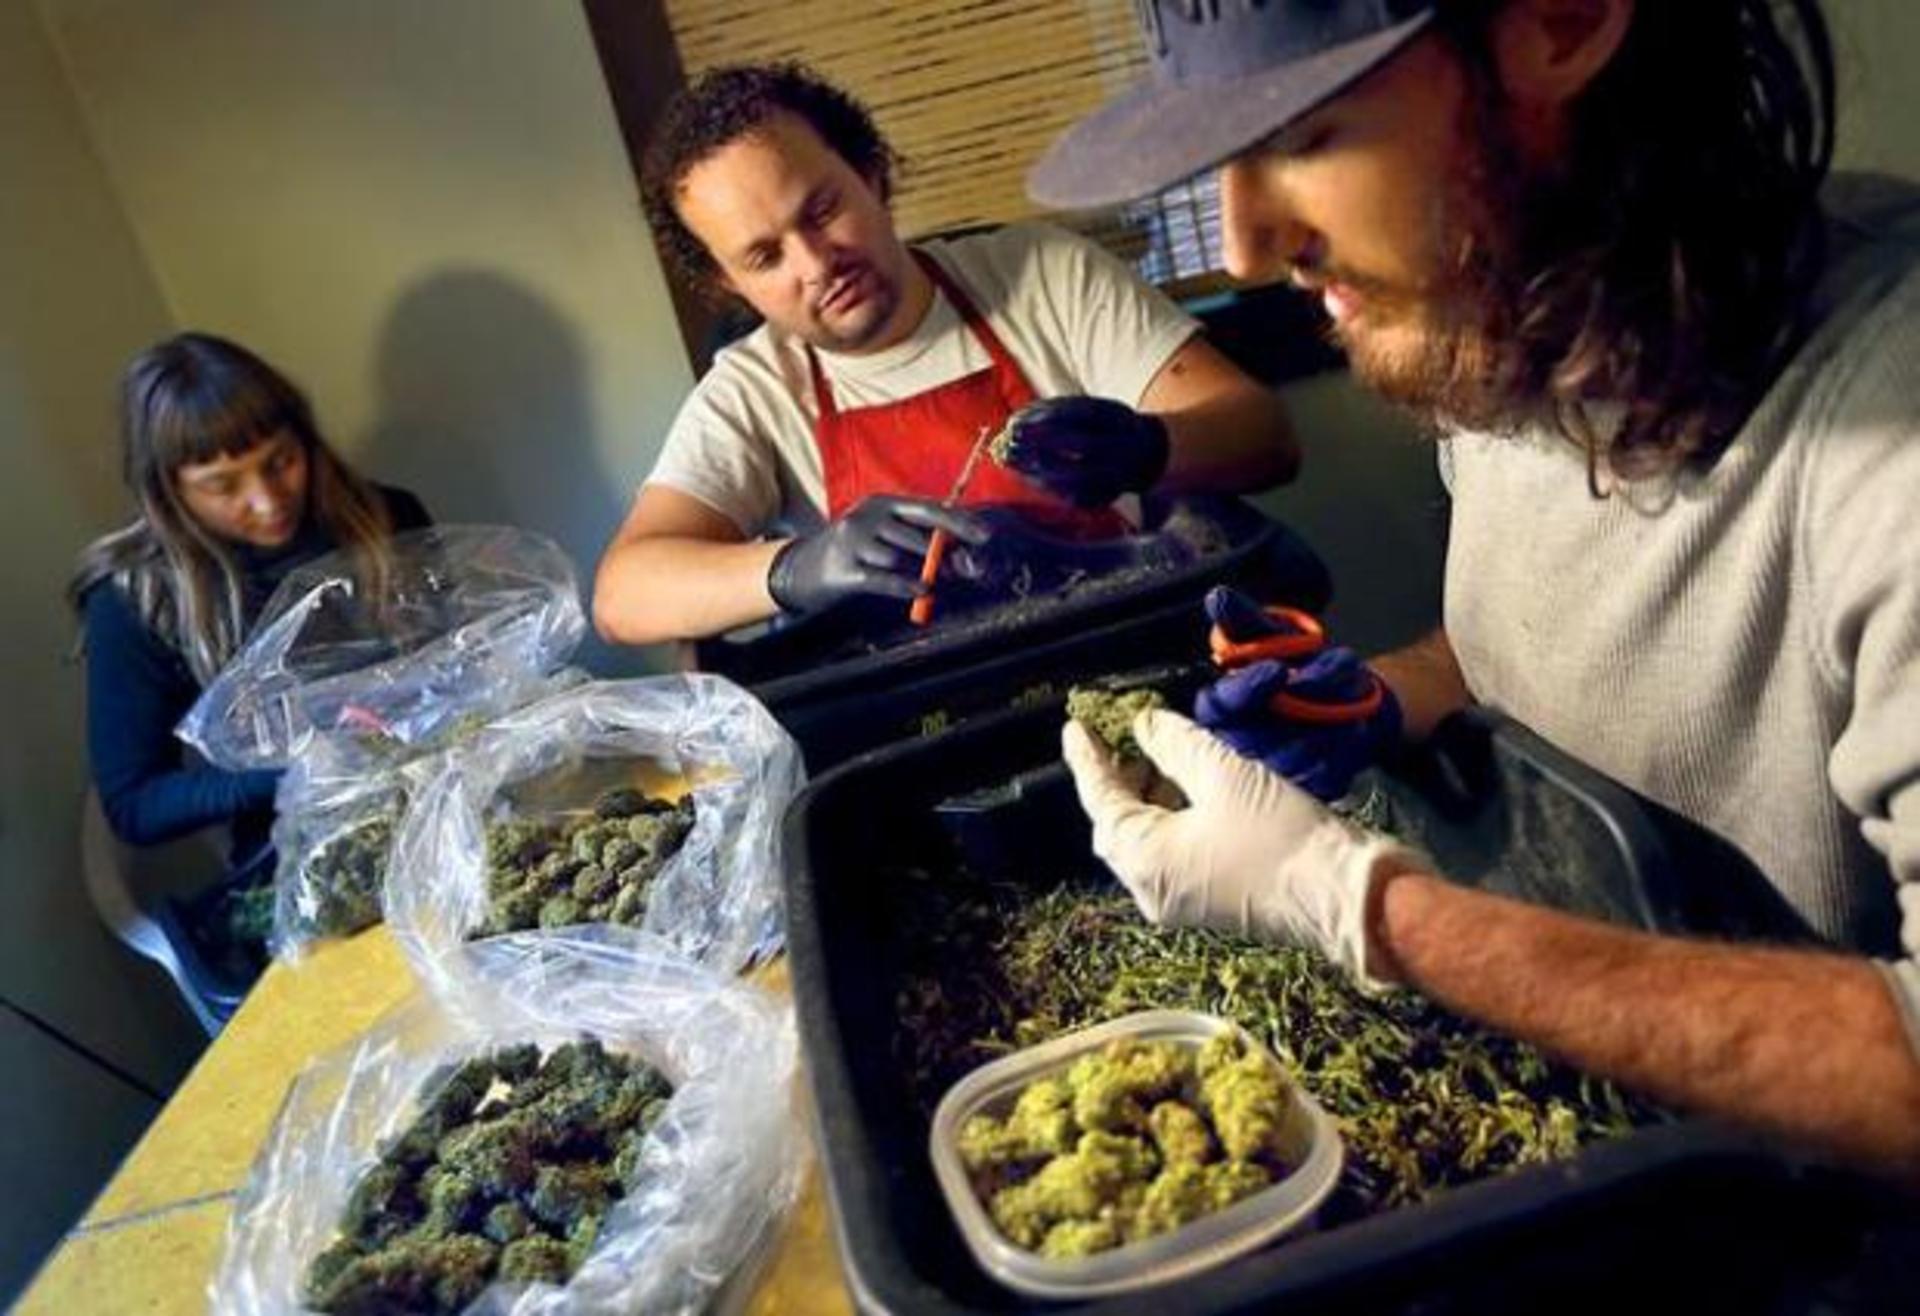 Ukiah Marijuana Pot Shops Use Gloves for Protection image